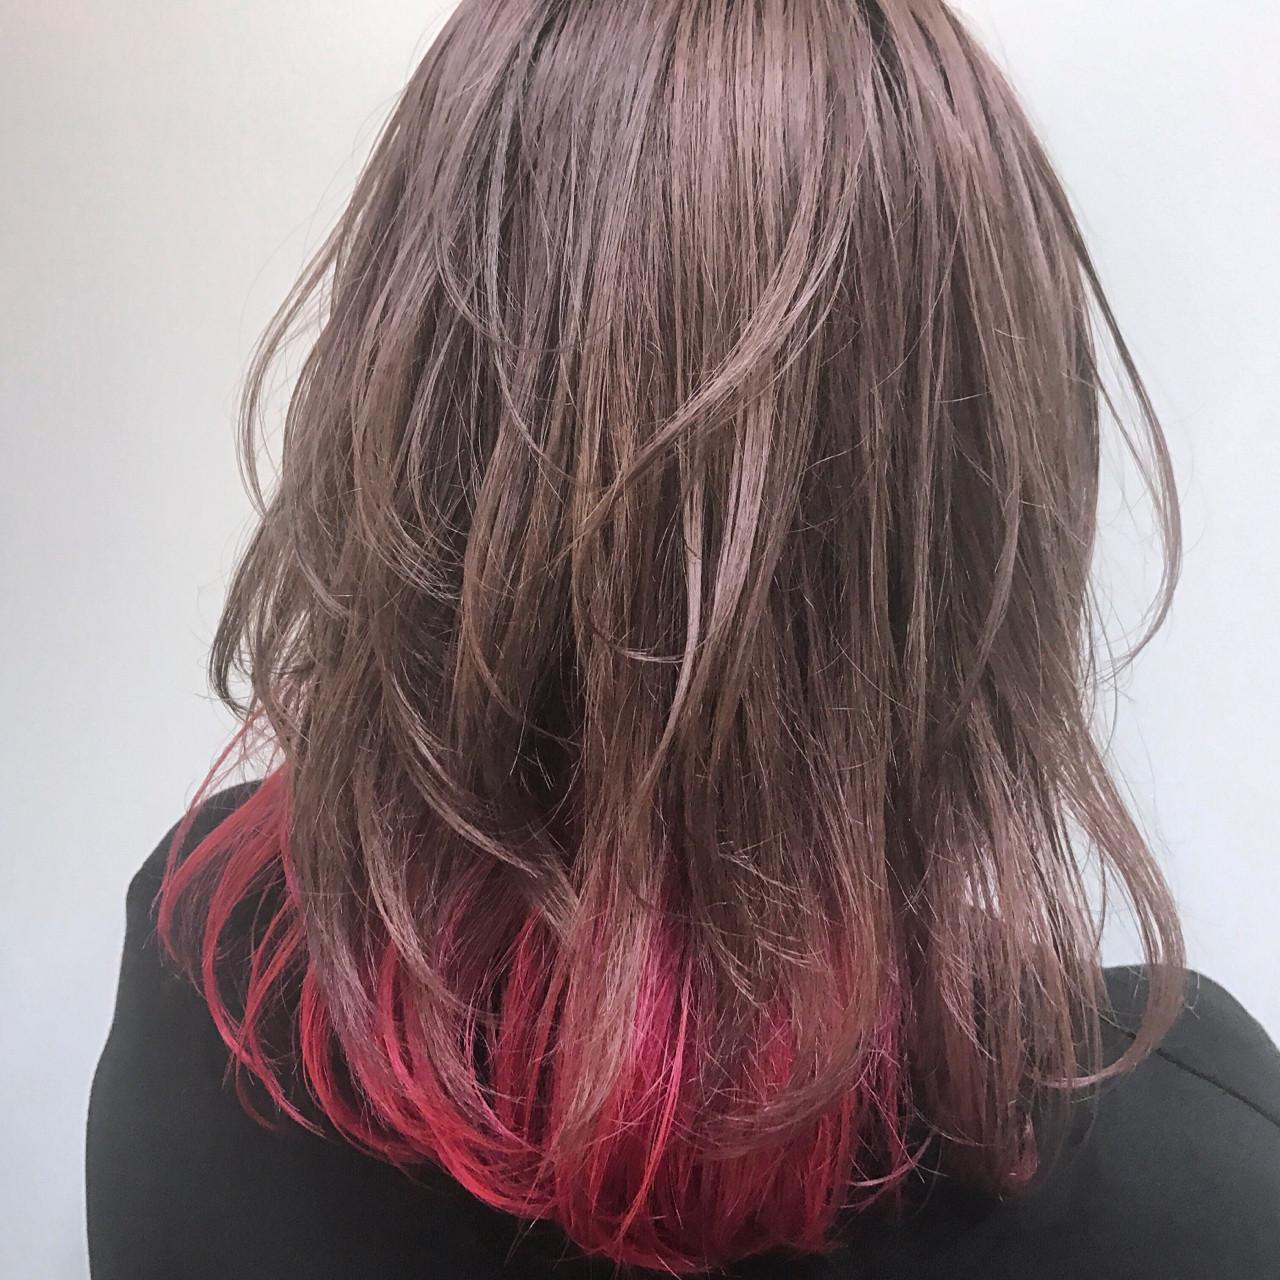 アッシュ フェミニン ハイトーン ピンクヘアスタイルや髪型の写真・画像